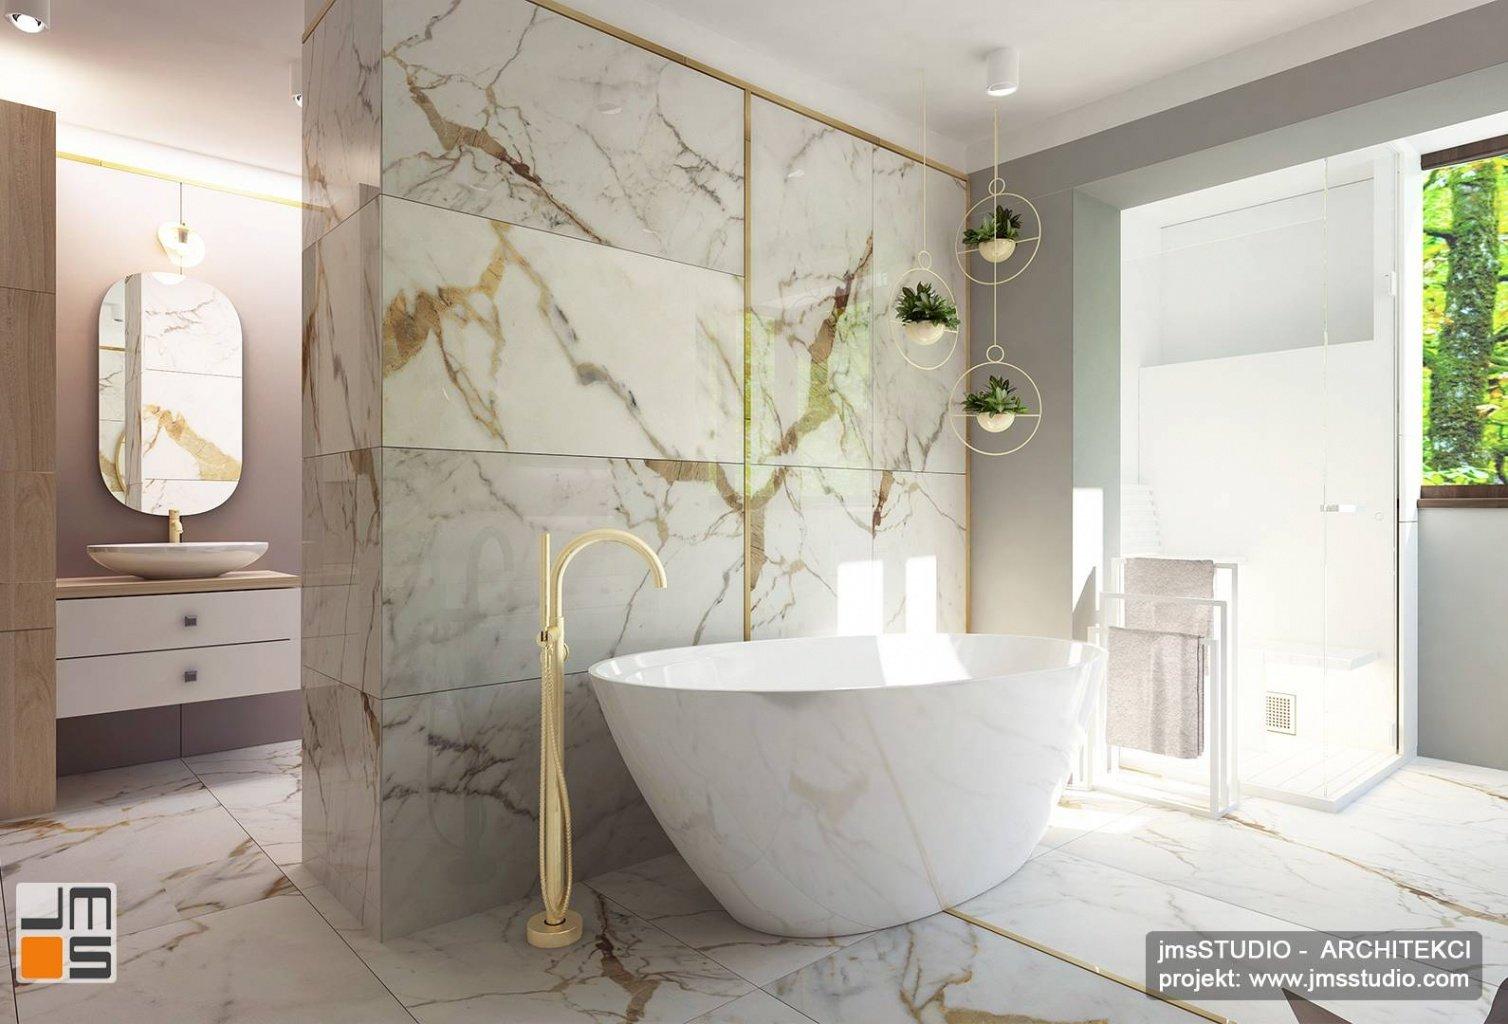 Projekt aranżacji wnętrz salonu oraz projekt wnętrz jadalni  i  projekt wnętrz luksusowej łazienki w Katowicach